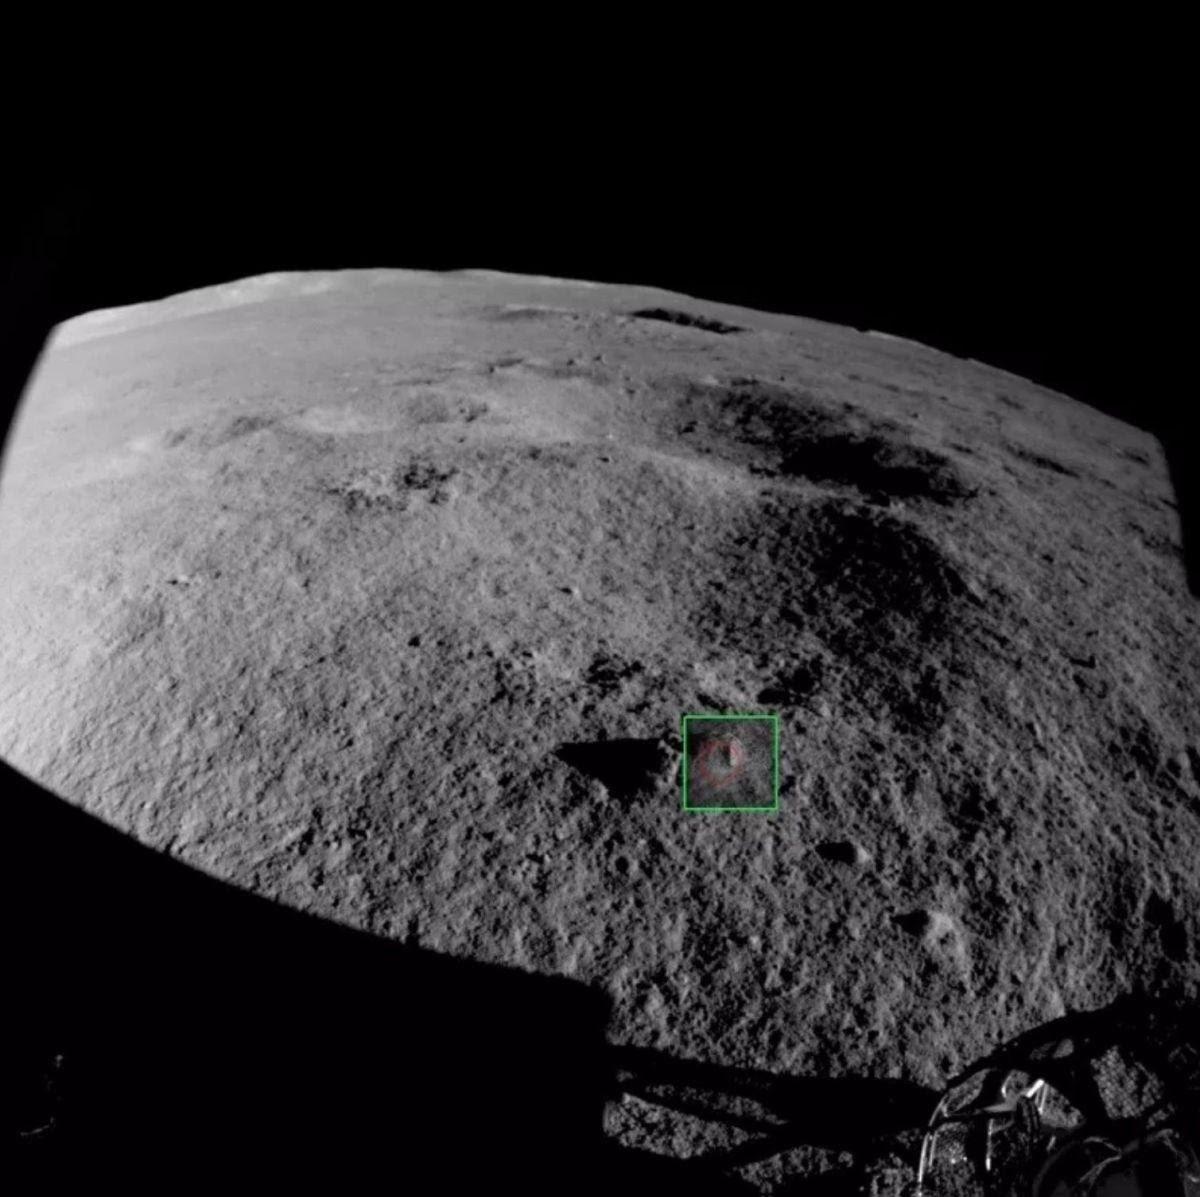 صخور رصدتها كاميرا العربة القمرية الصينية المخصصة لتجنب العوائق